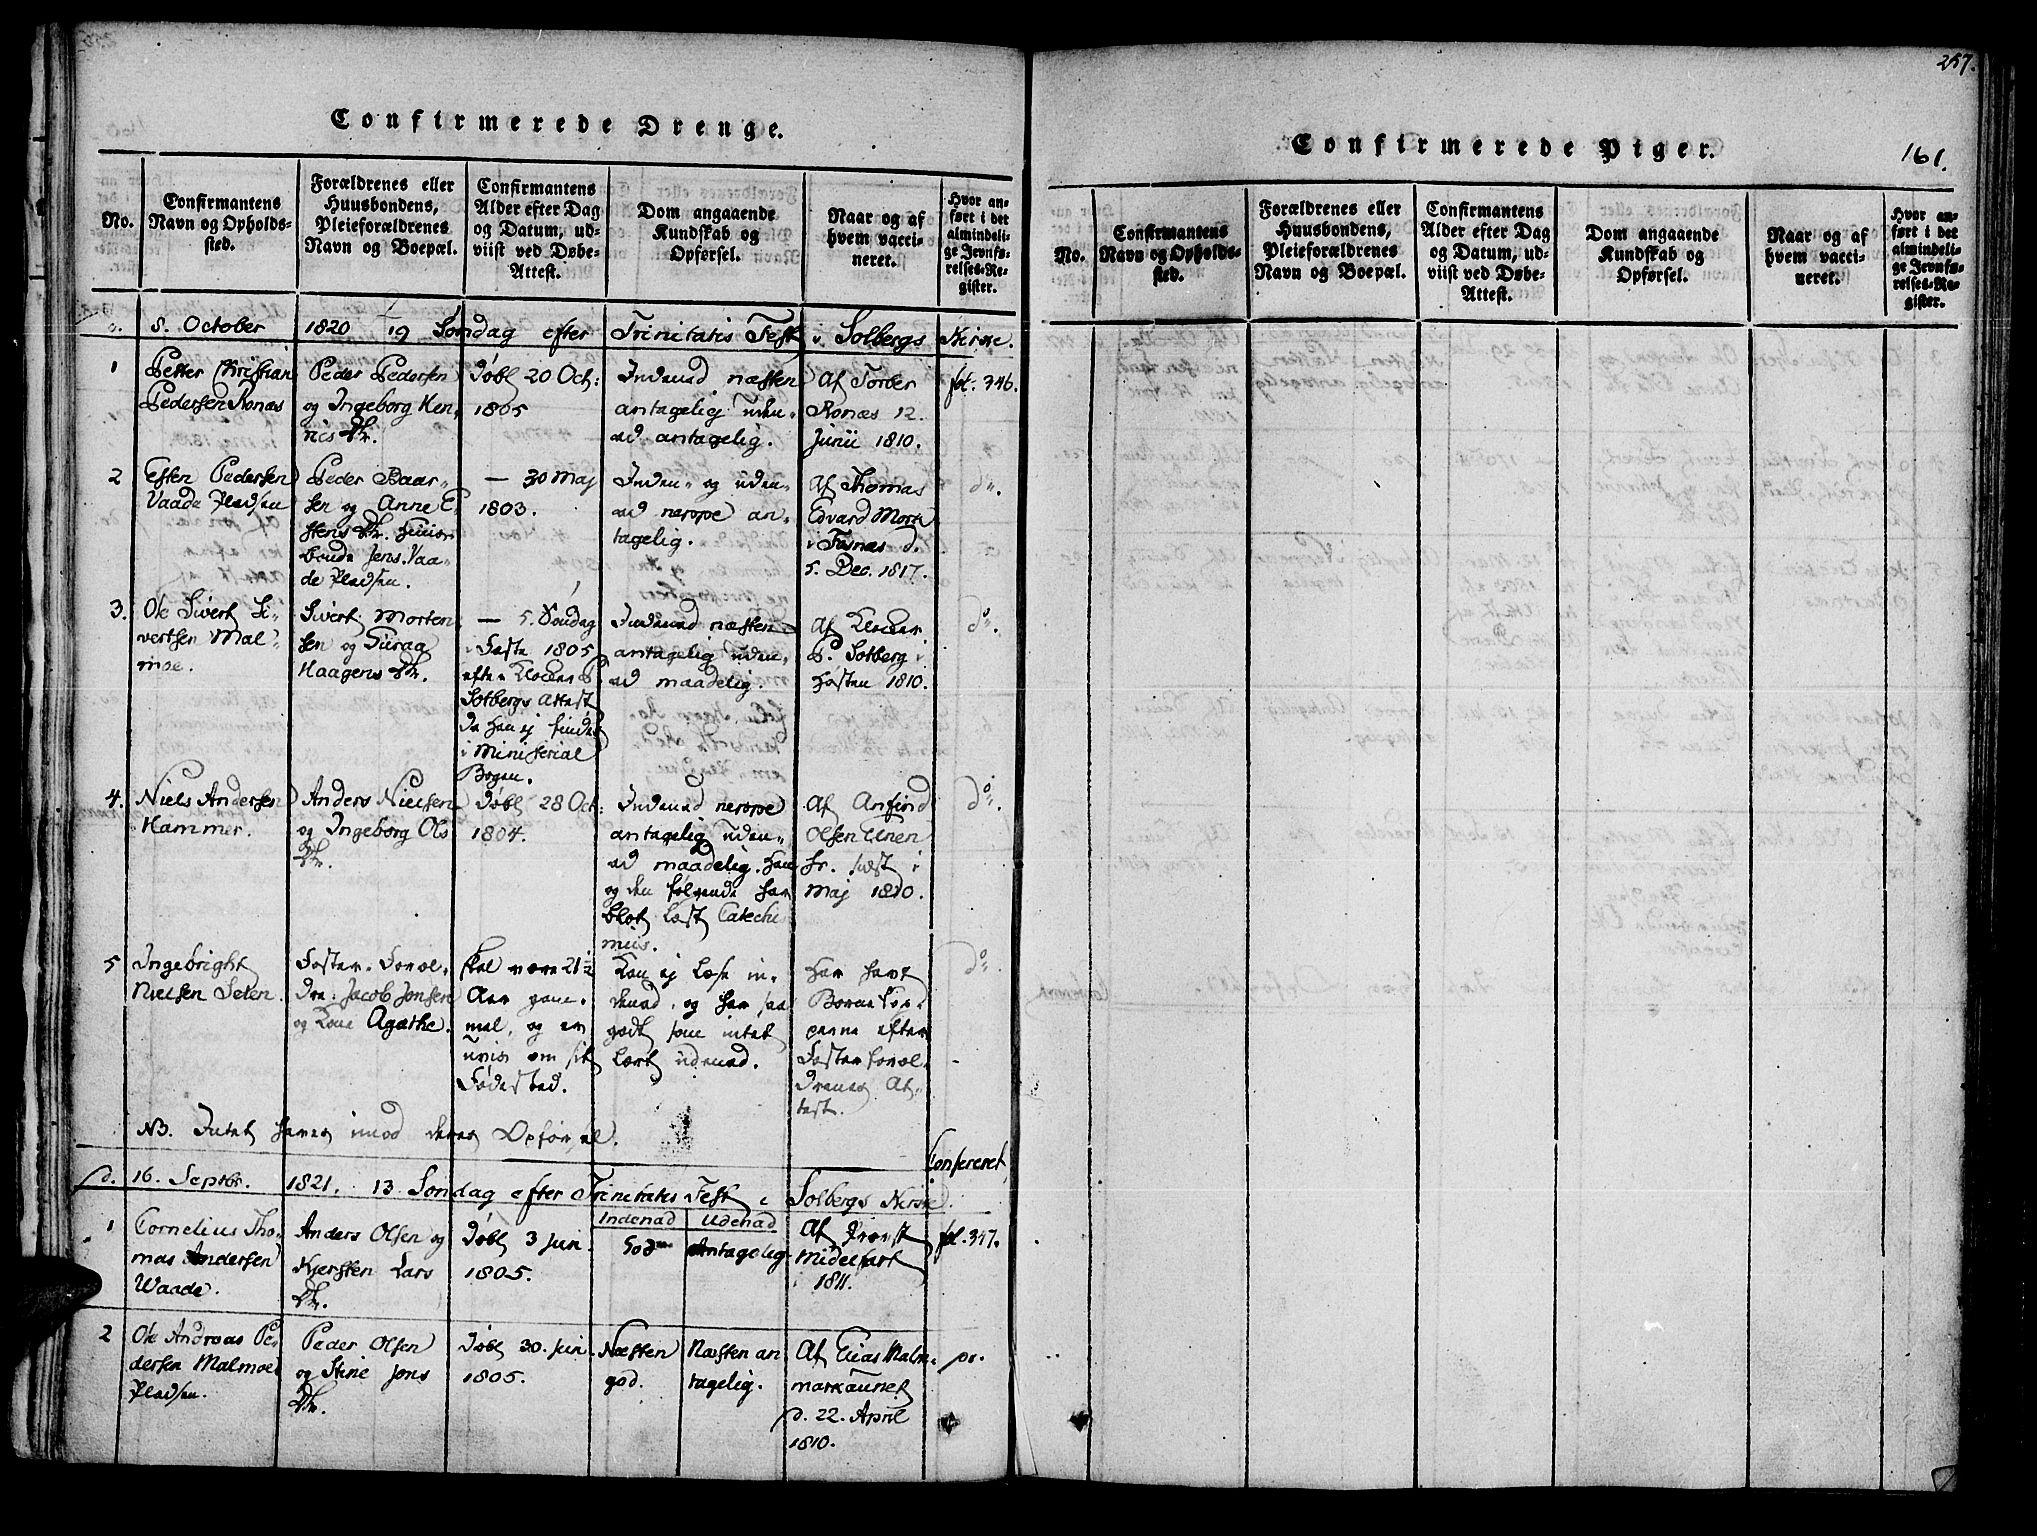 SAT, Ministerialprotokoller, klokkerbøker og fødselsregistre - Nord-Trøndelag, 741/L0387: Ministerialbok nr. 741A03 /2, 1817-1822, s. 161